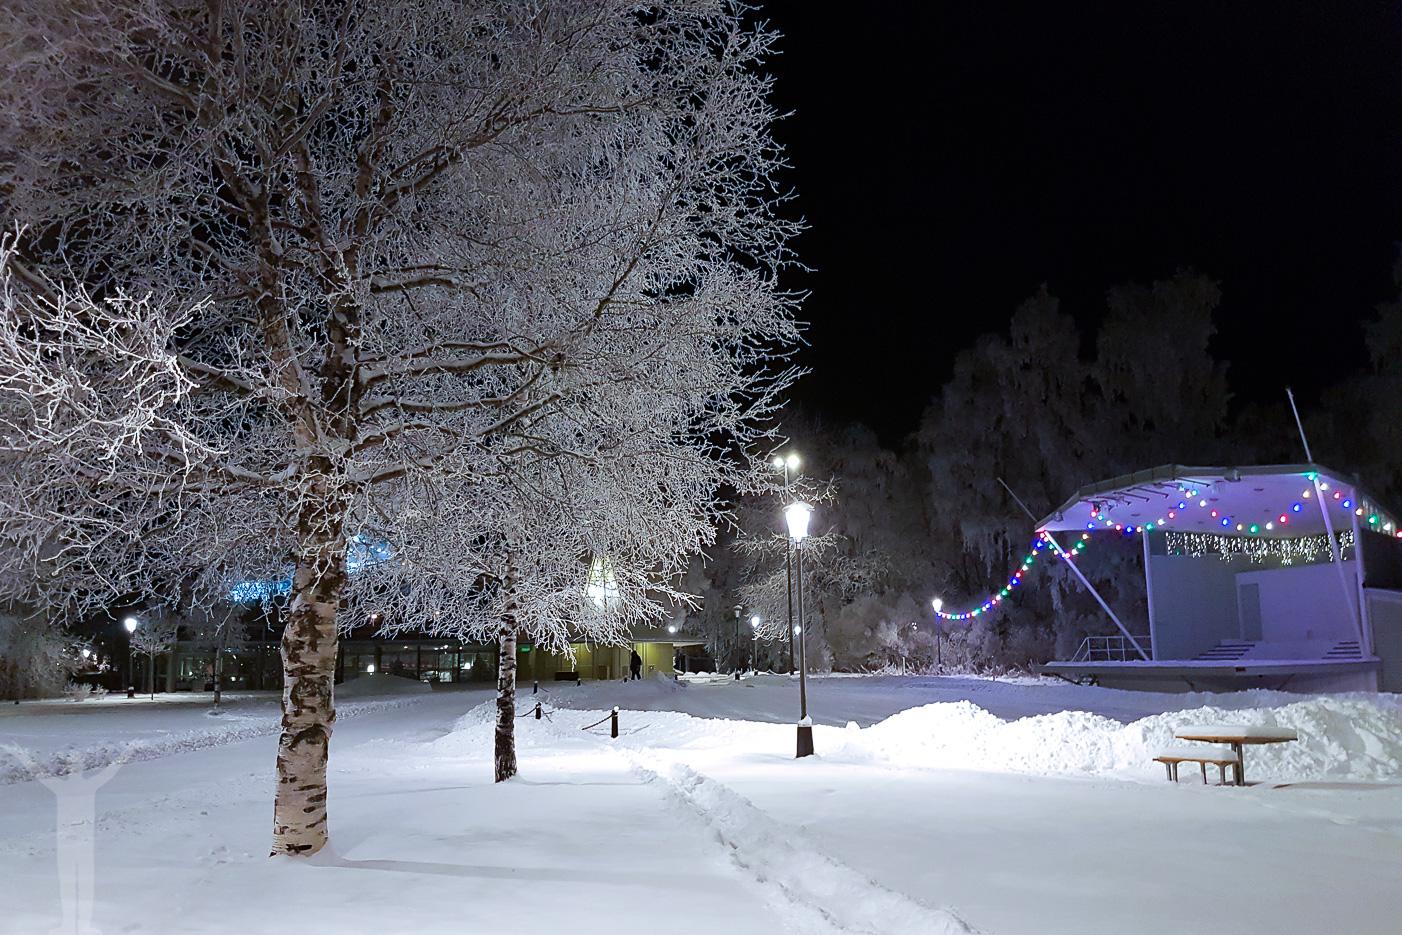 Badhusparken och Vinterstaden